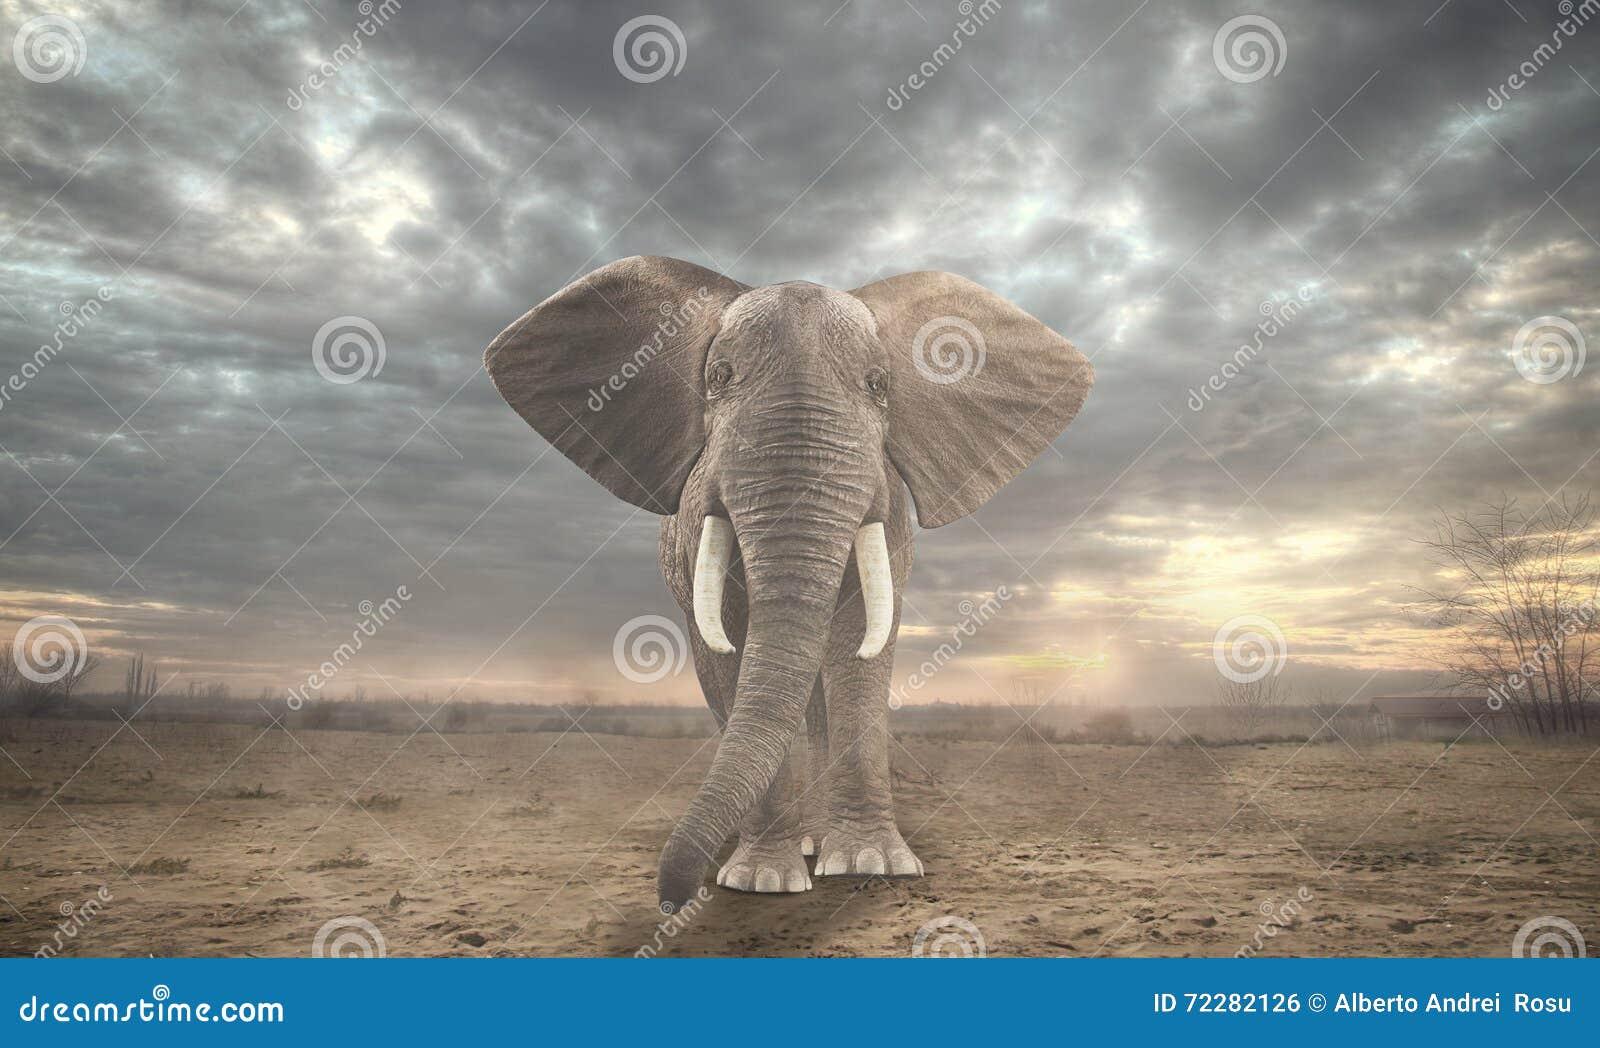 Download африканский слон стоковое фото. изображение насчитывающей парк - 72282126